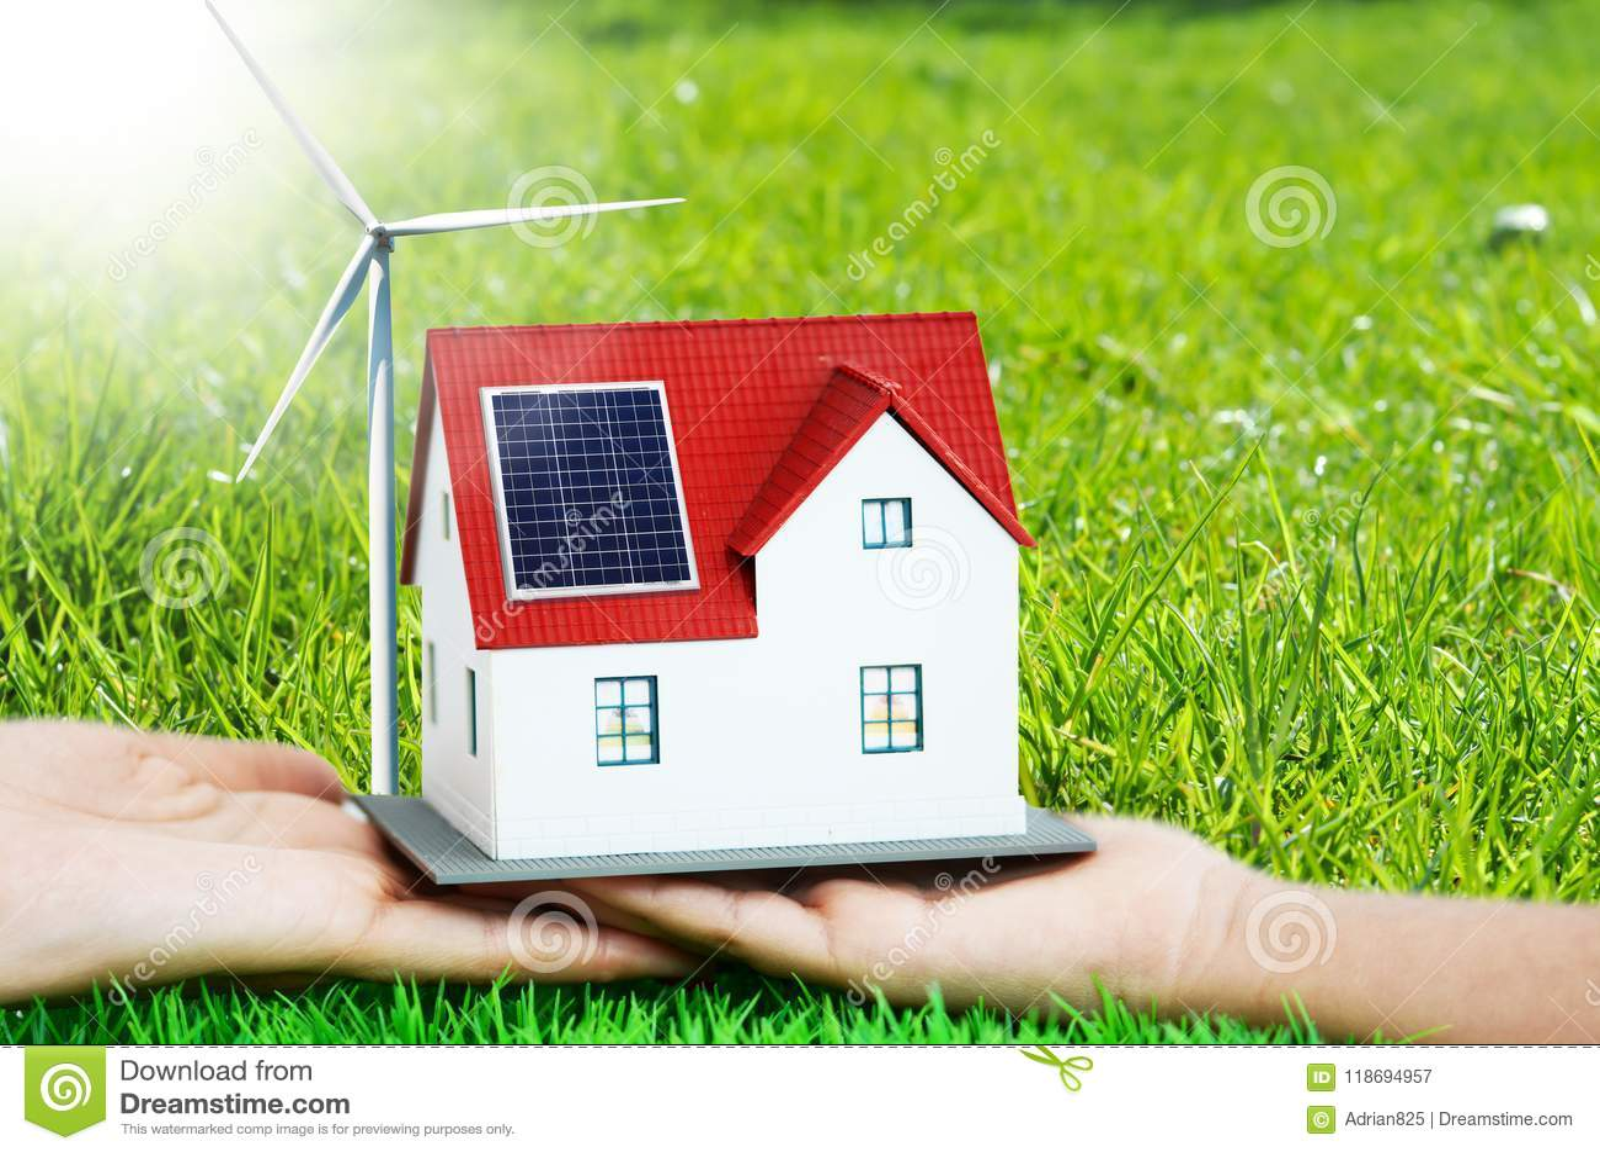 Przyszłość jest domem z photovoltaic panel i silnikiem wiatrowym zielonego, eco, zielona trawa w tle